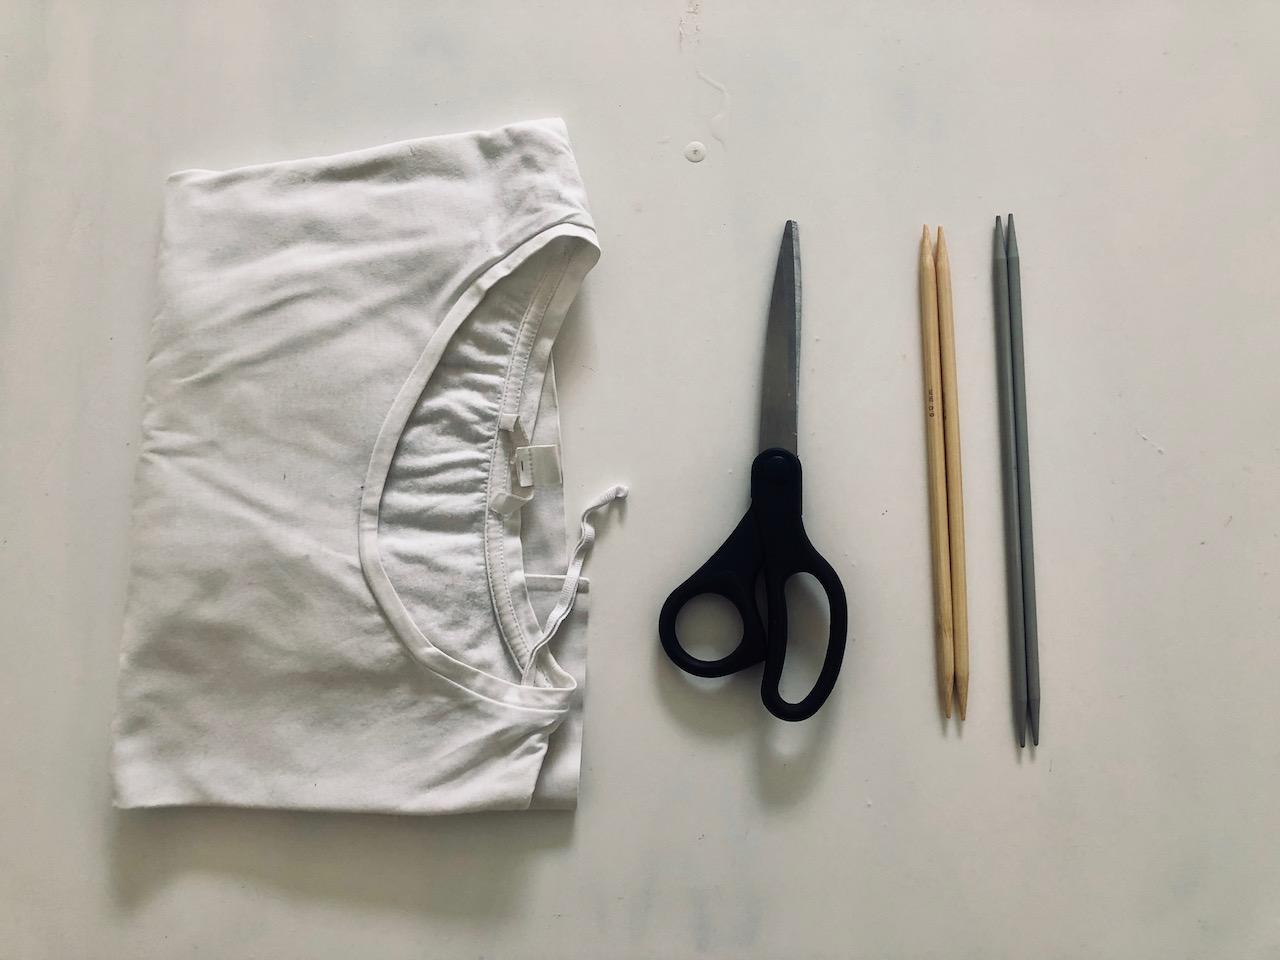 Diesem alten T-Shirt gebe ich eine zweite Chance und verwandle es in einen Geschirrspülschwamm. -Fotocredits: Lisa Radda